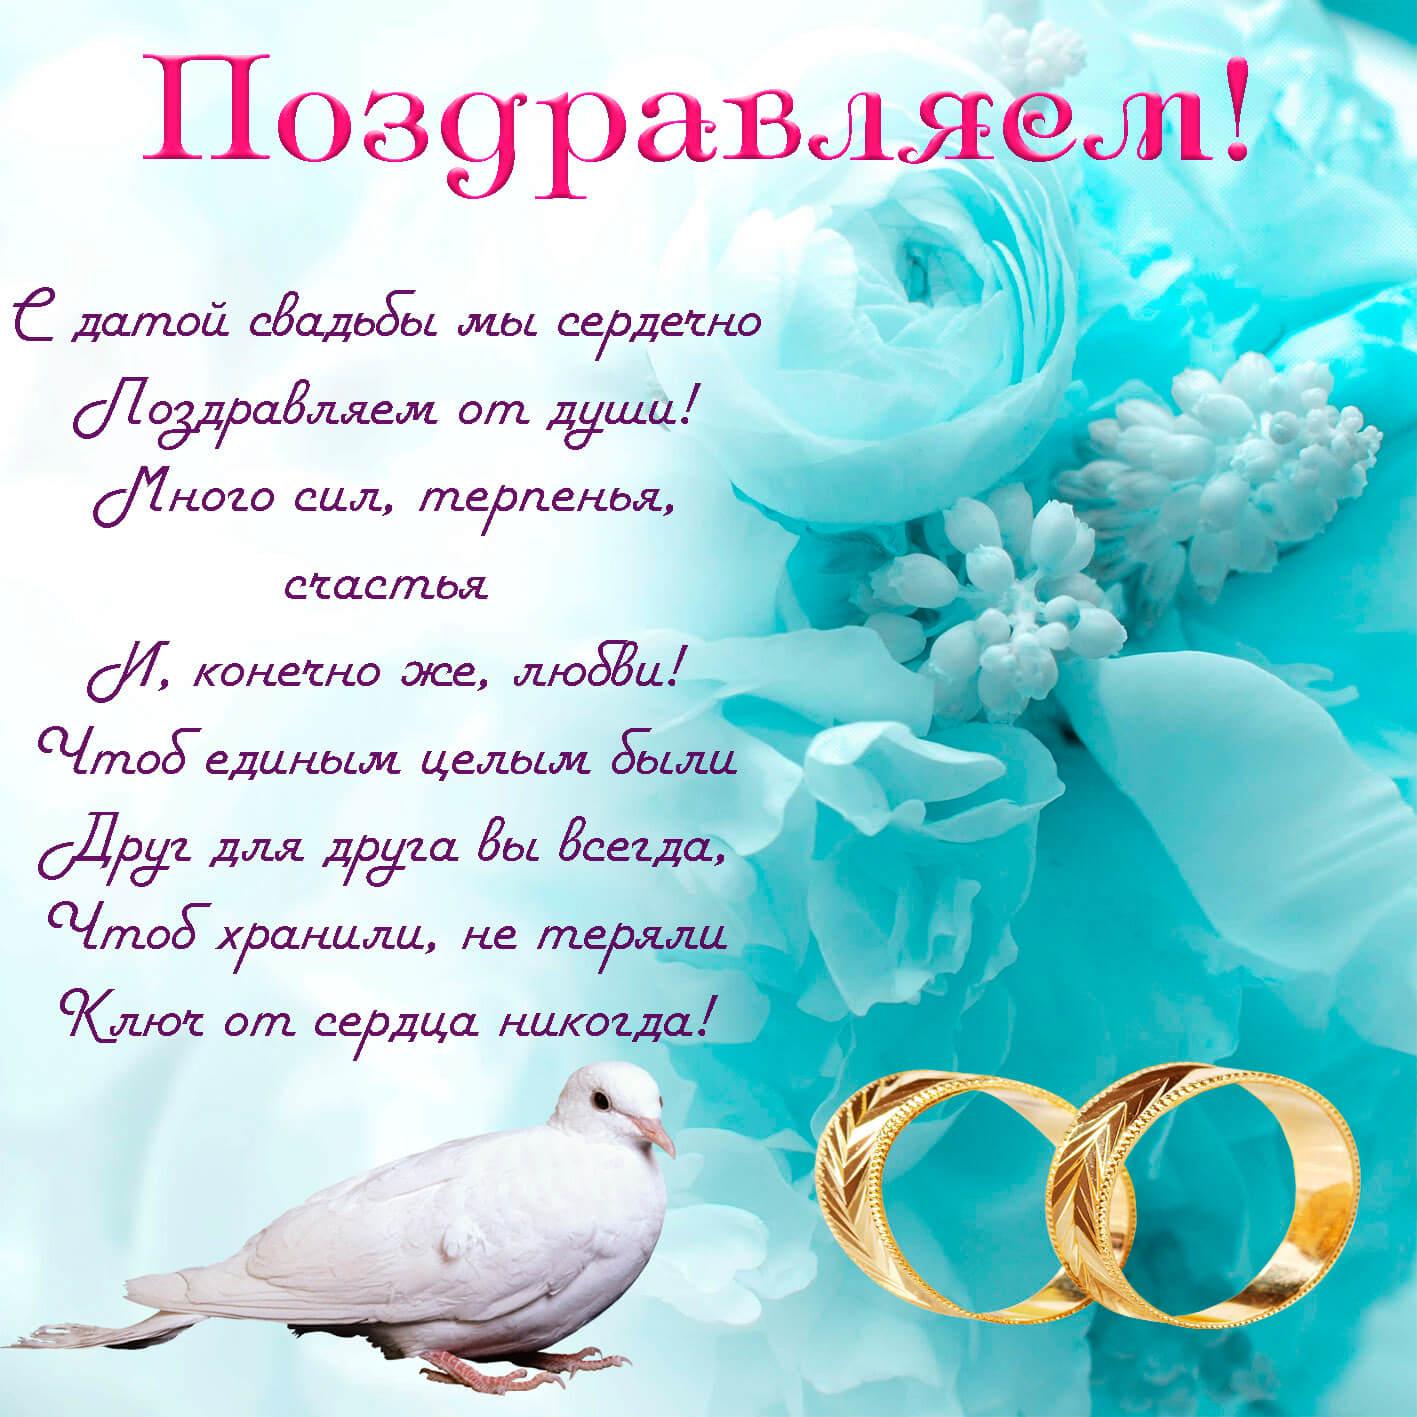 Поздравление с 3 летием свадьбы мужу своими словами до слез